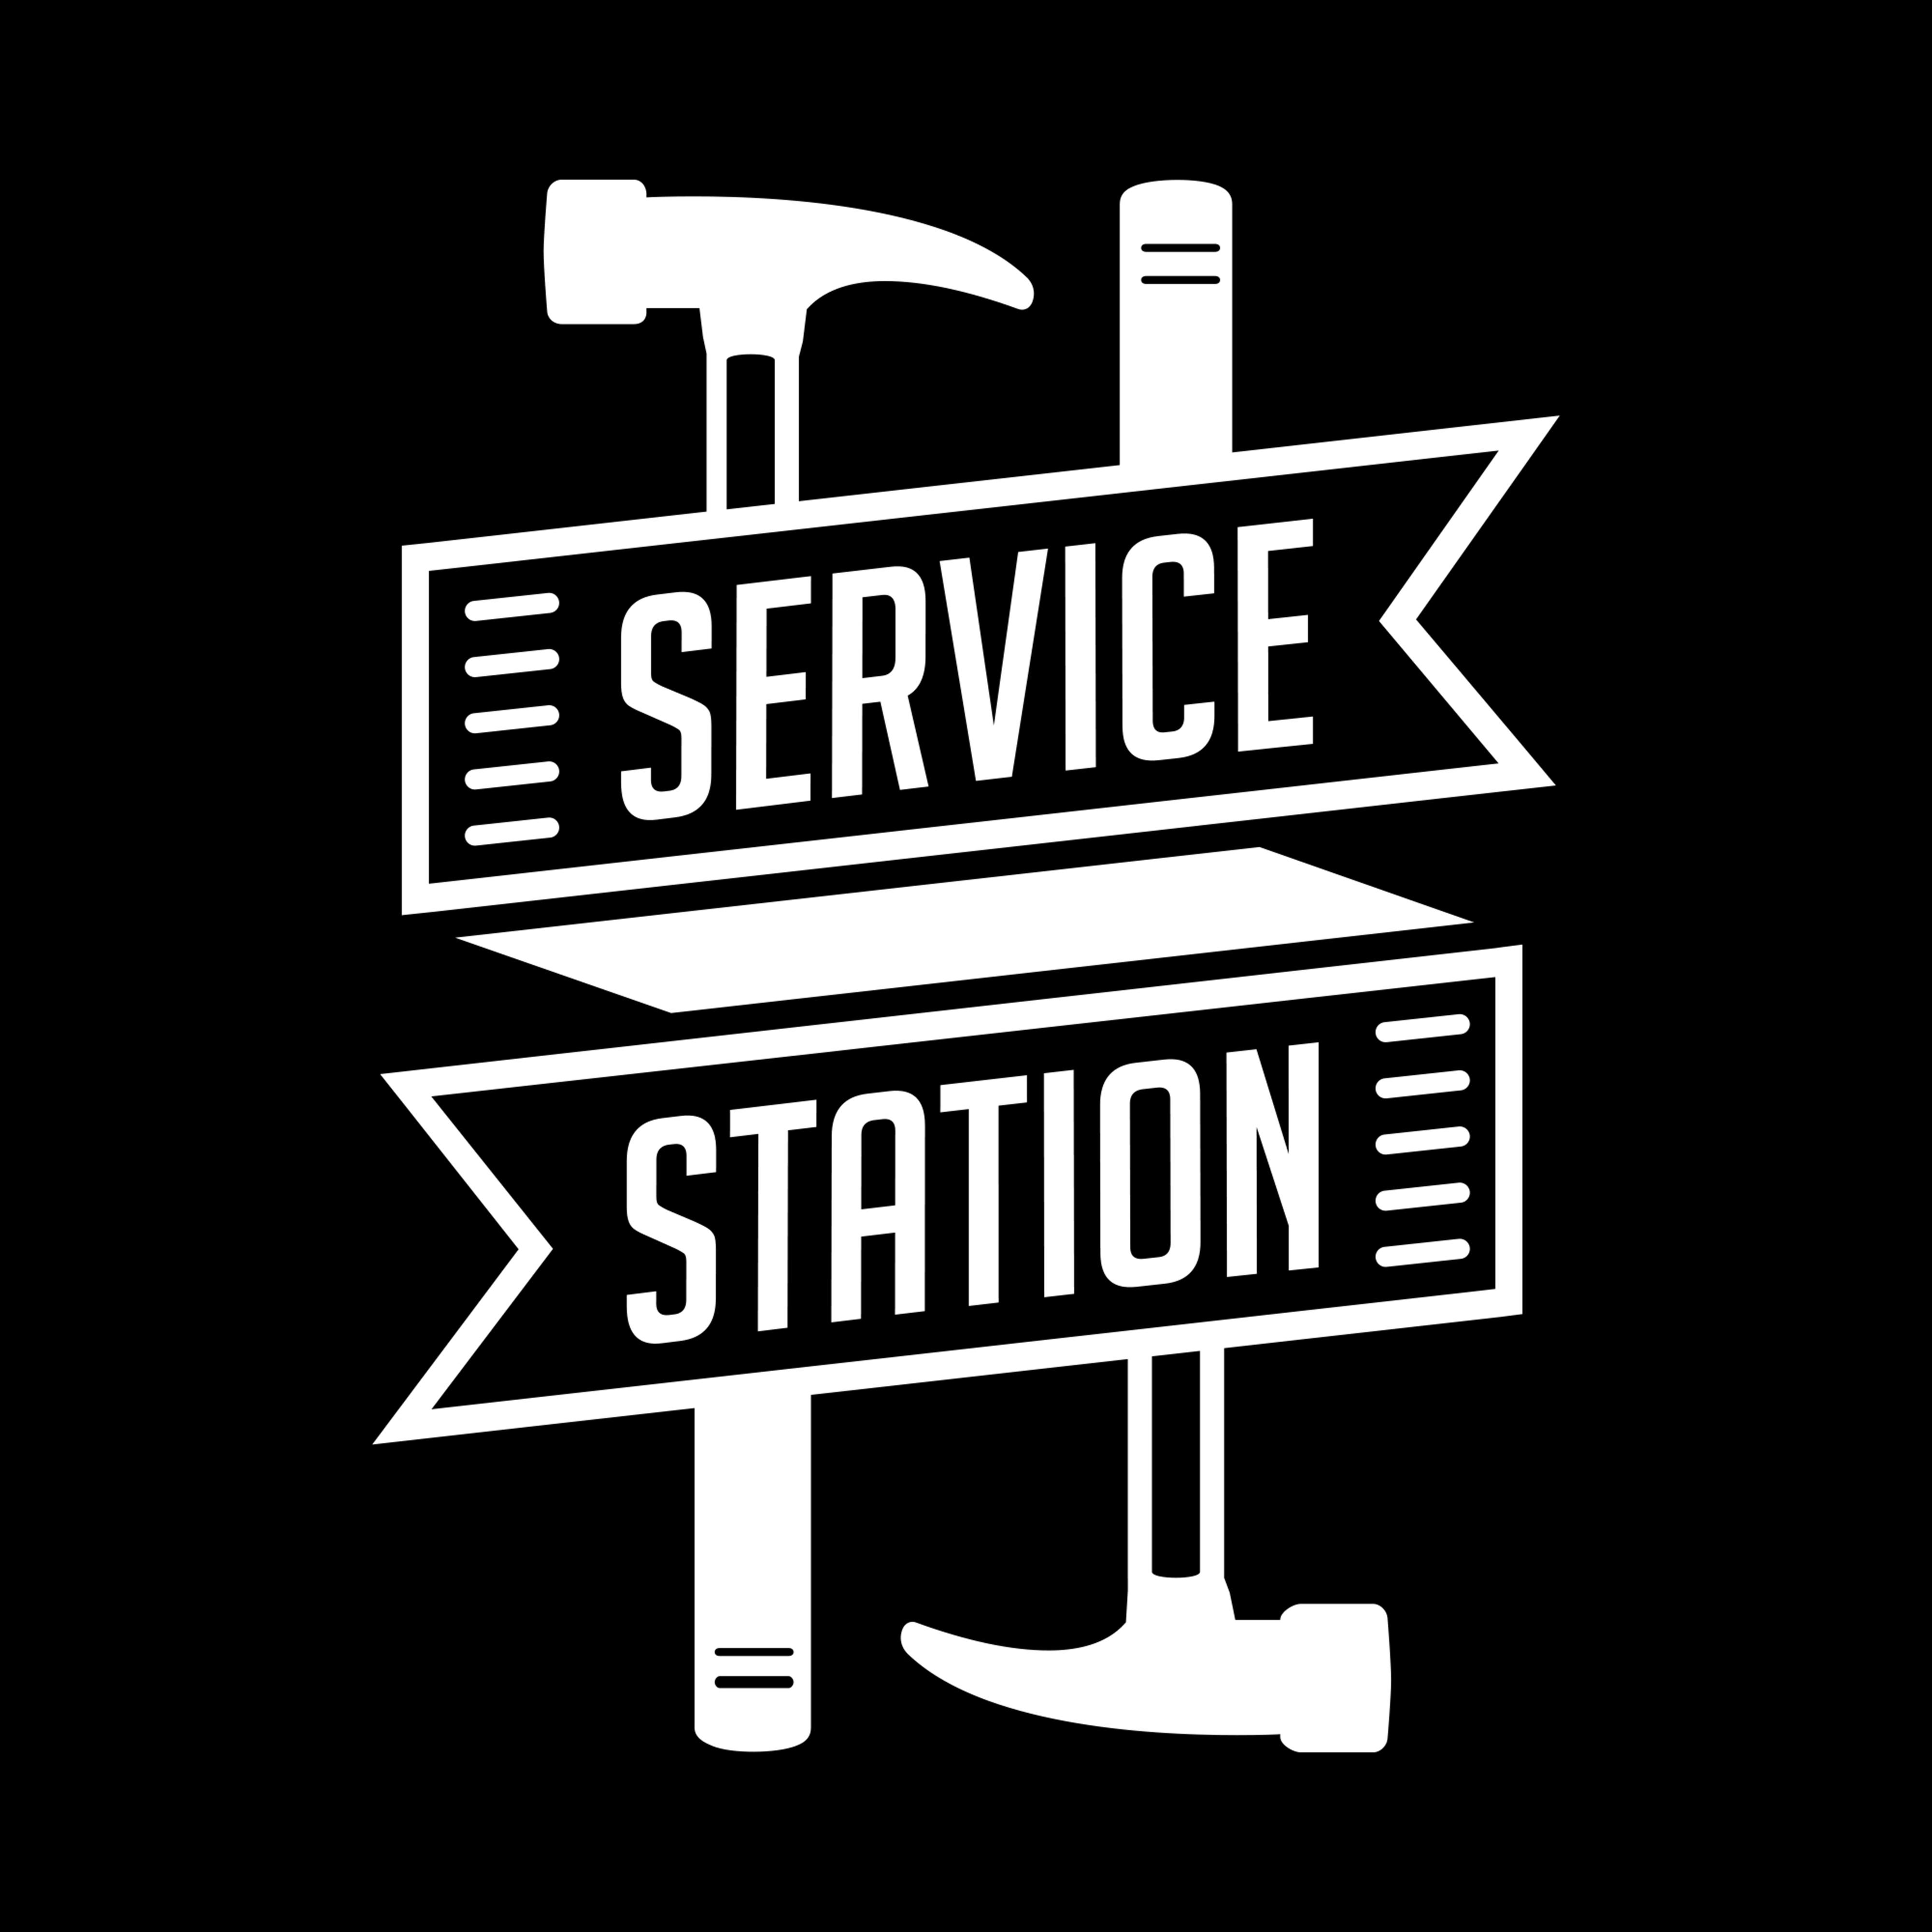 Mechanic Logo And Badge, Good For Print